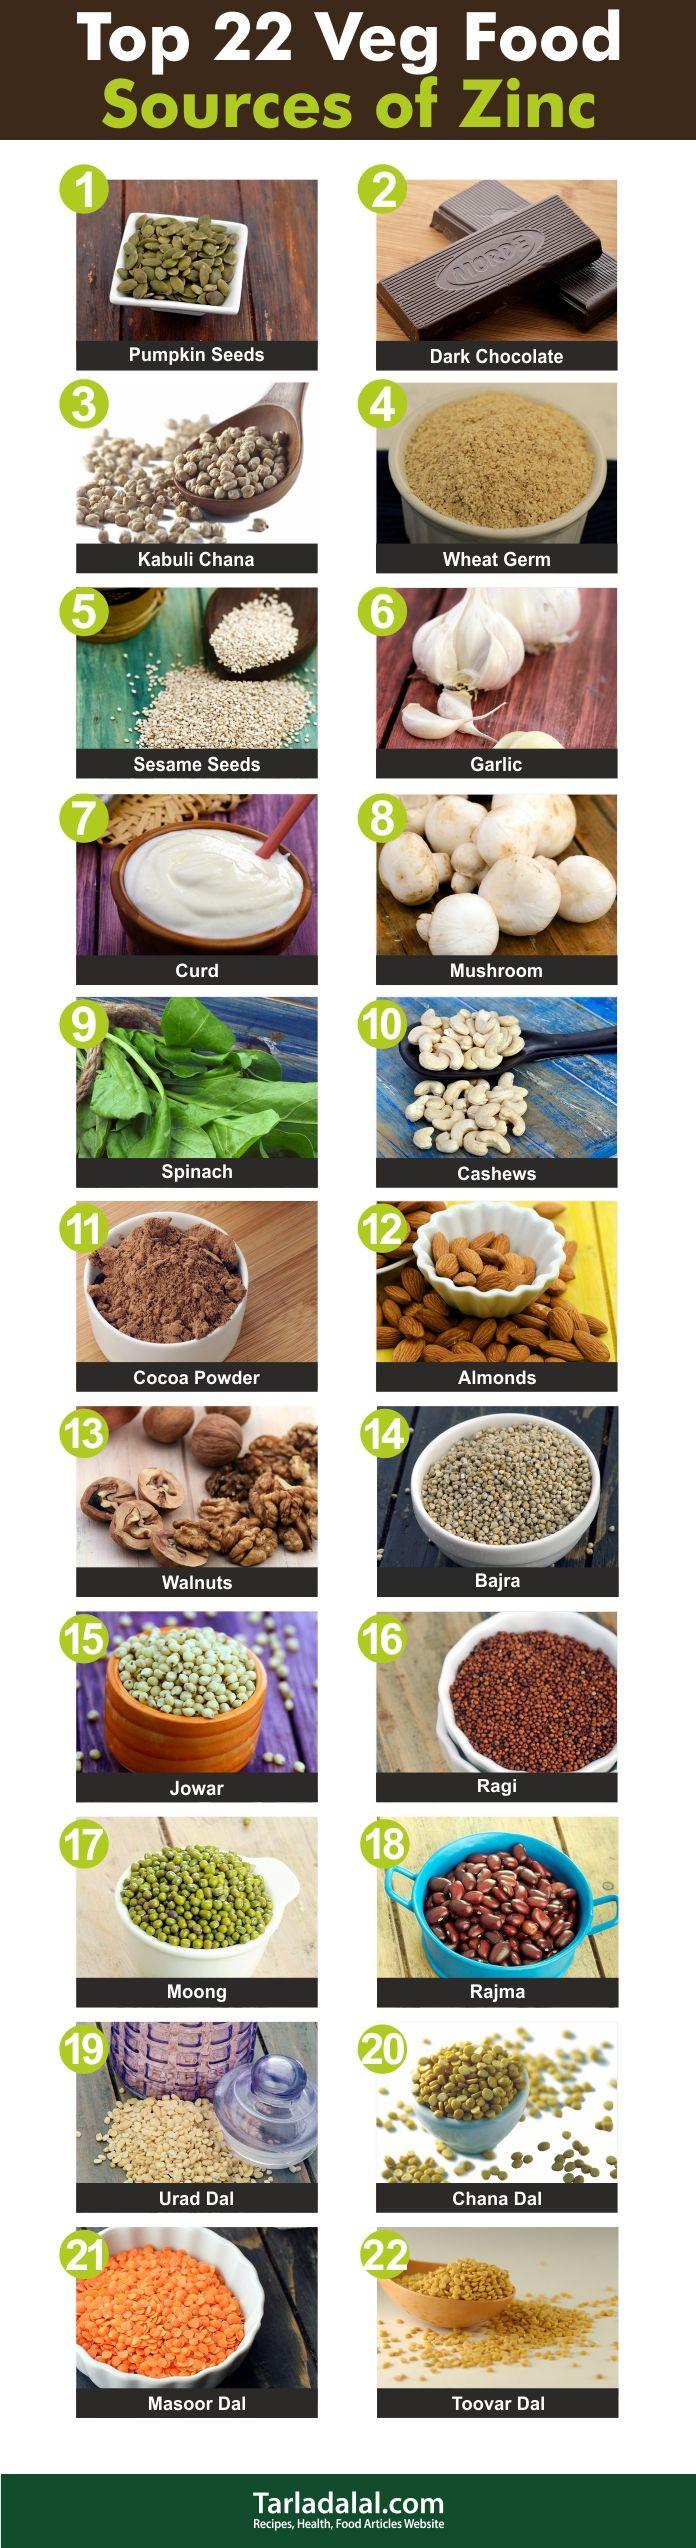 High Zinc Veg Food Sources Zinc rich foods, Zinc foods